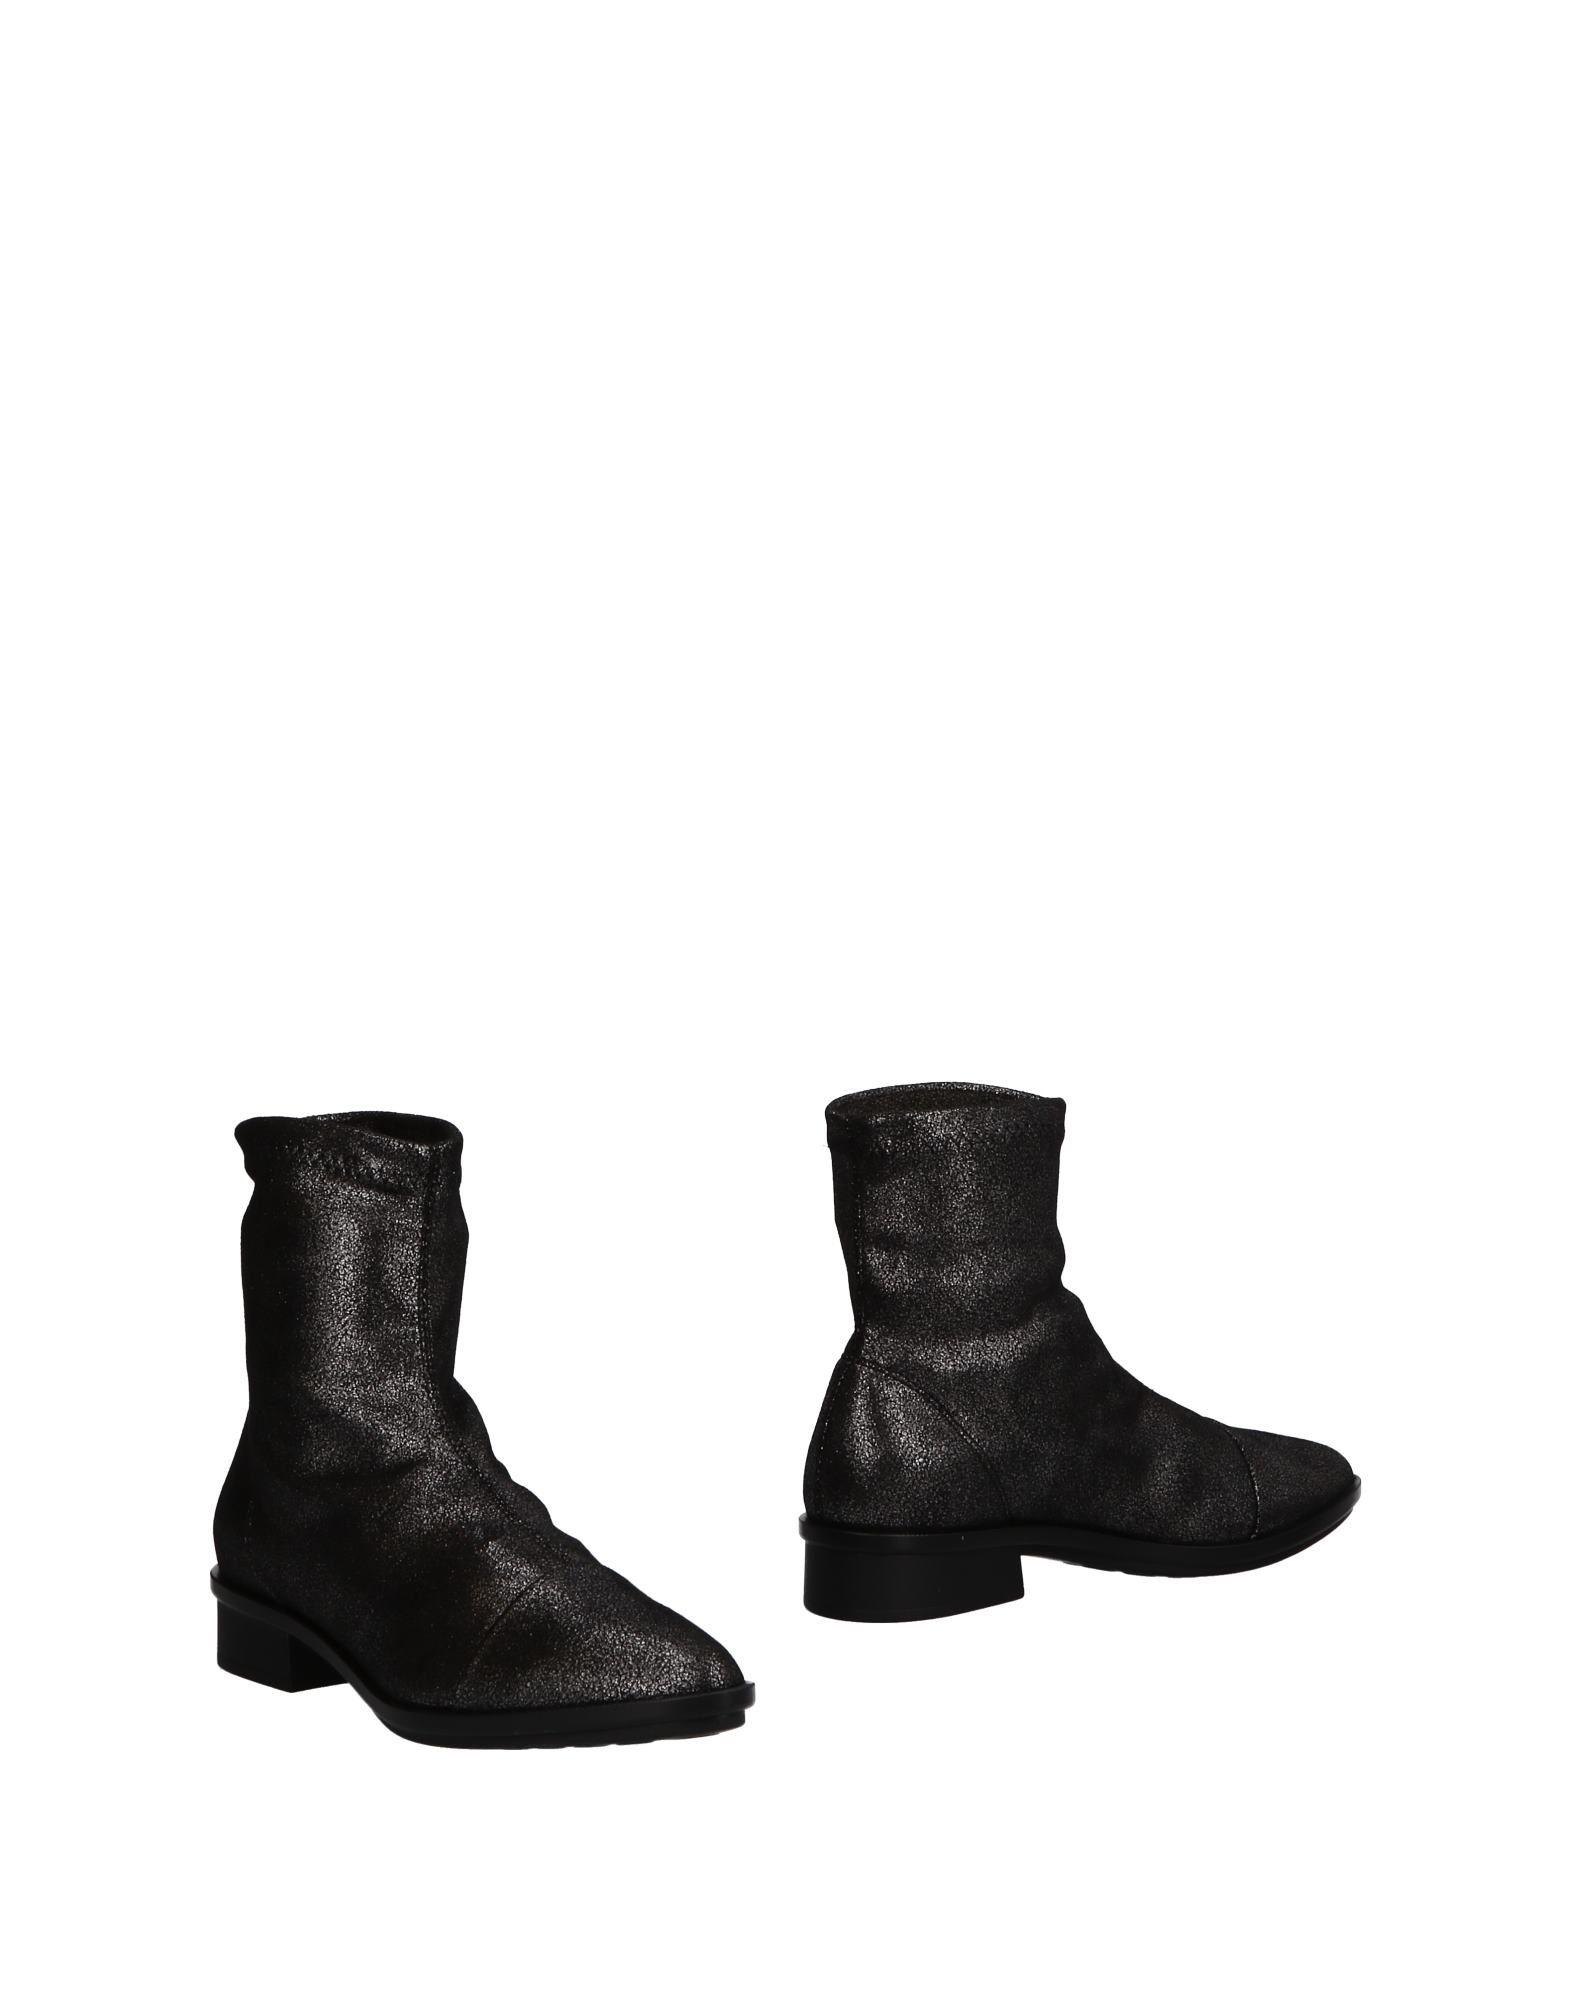 Nr Rapisardi Stiefelette Damen  11504804SP Gute Qualität beliebte Schuhe